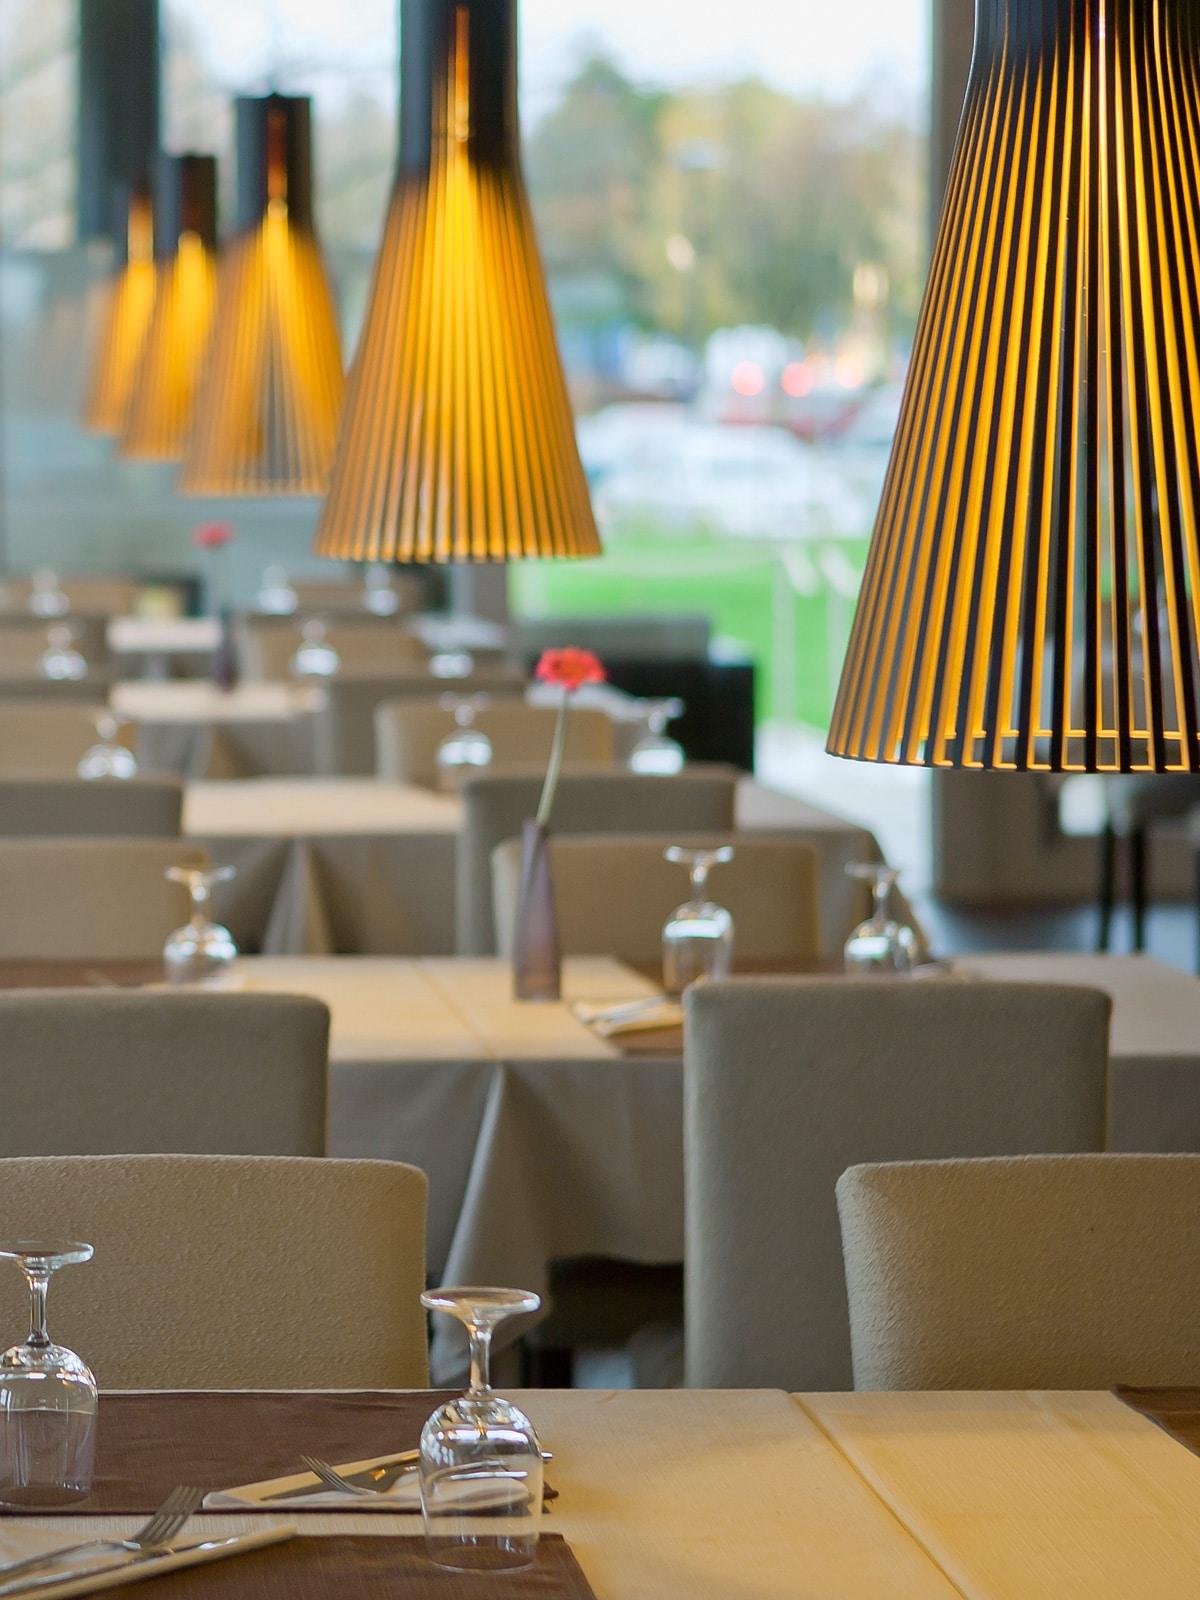 DesignOrt Blog: Frische Designerleuchten für die Gastronomie Secto 4200 Secto Design